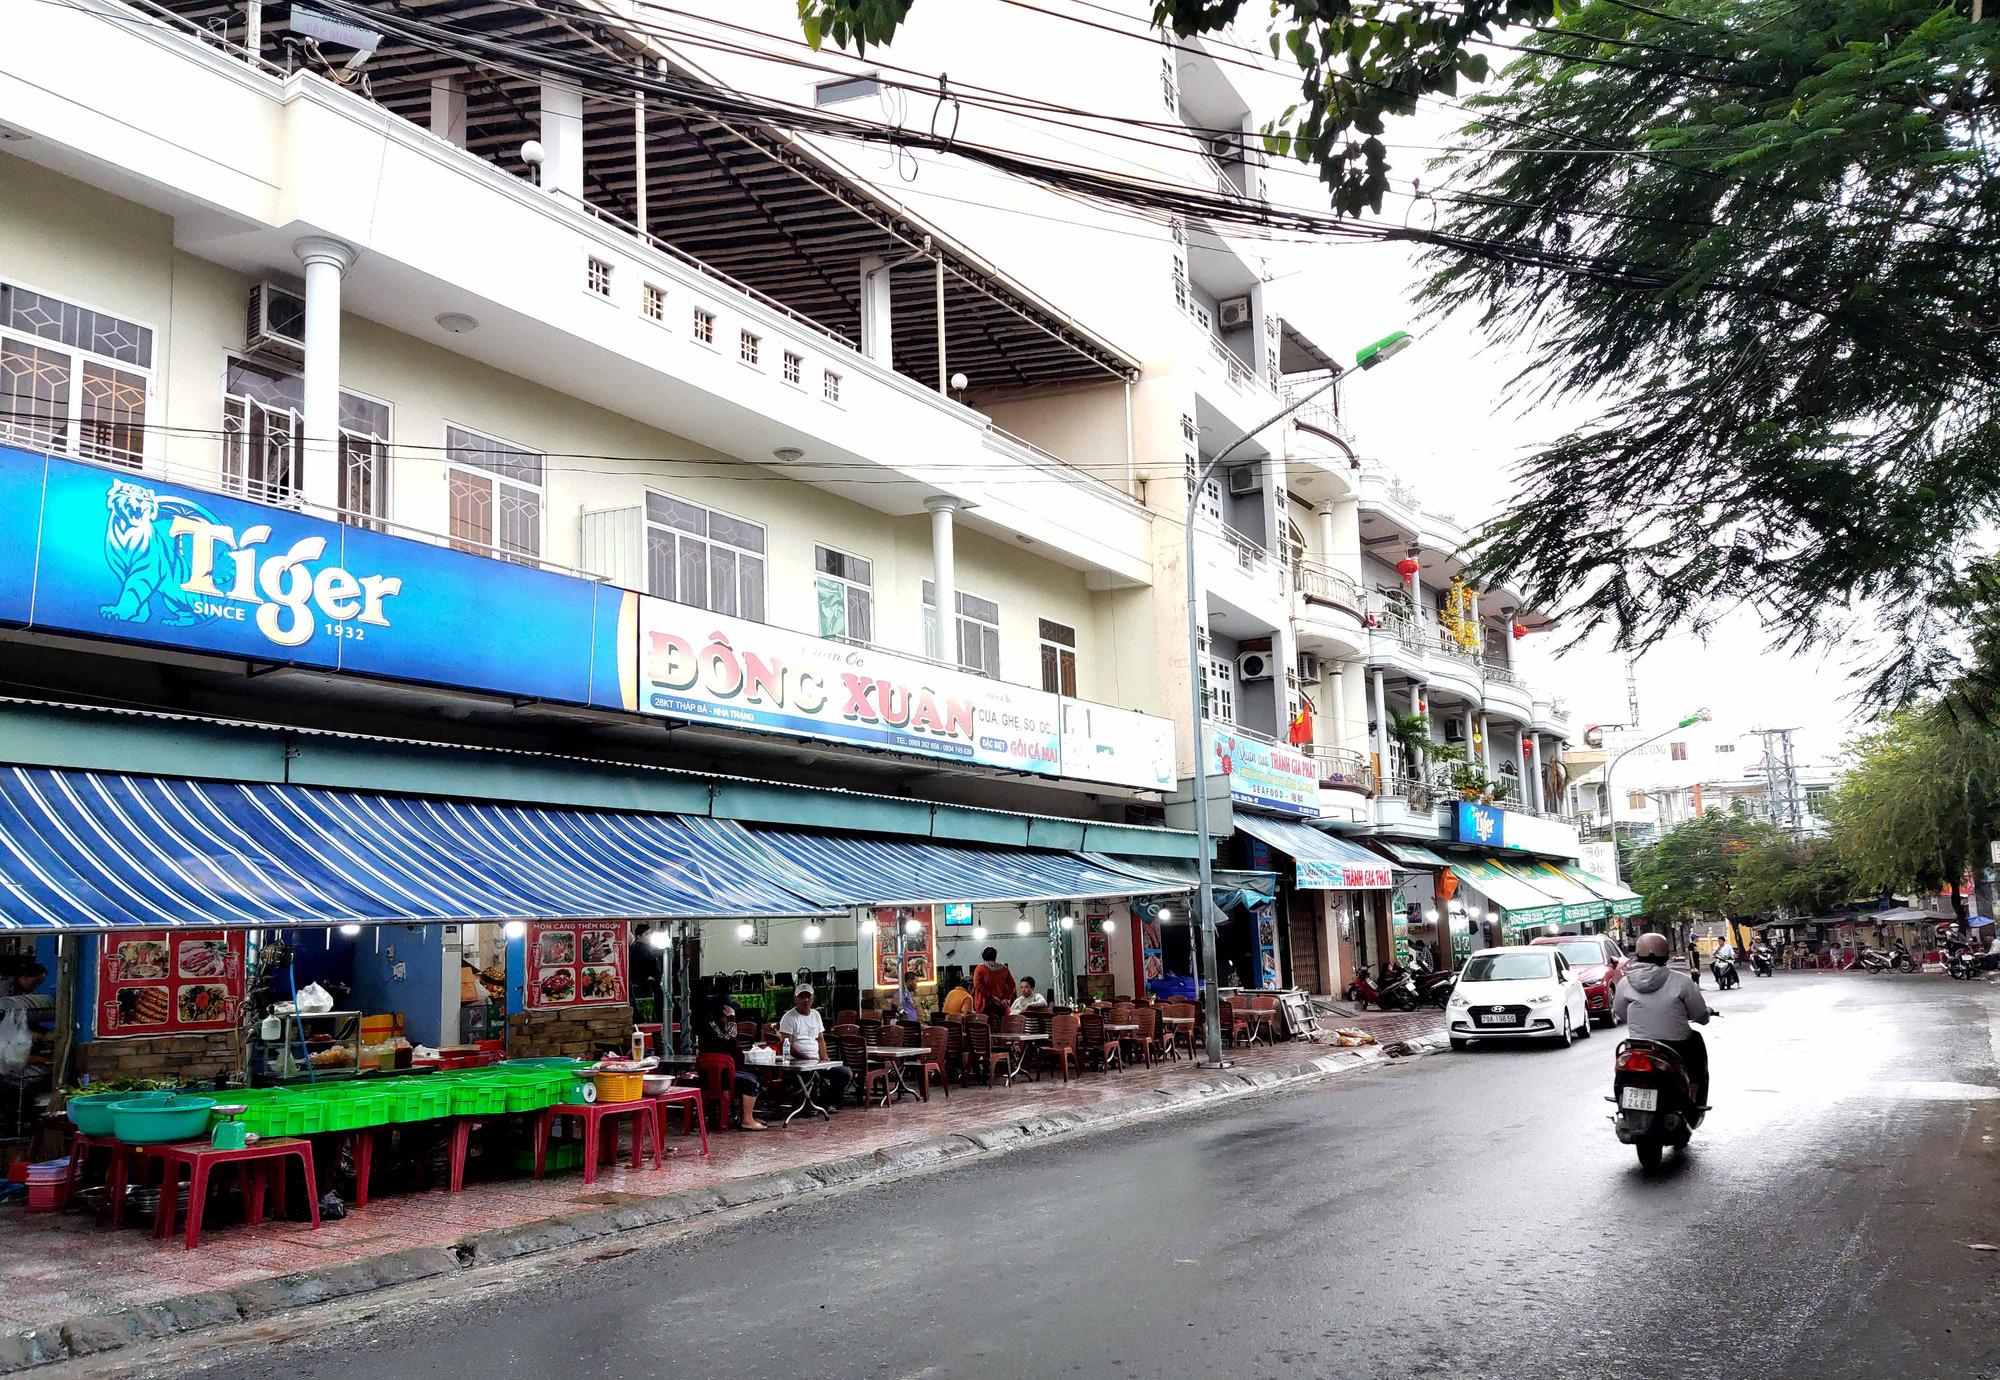 Nha Trang: Phố hải sản đìu hiu, hàng loạt nhà hàng đóng cửa trong đại dịch corona  - Ảnh 7.